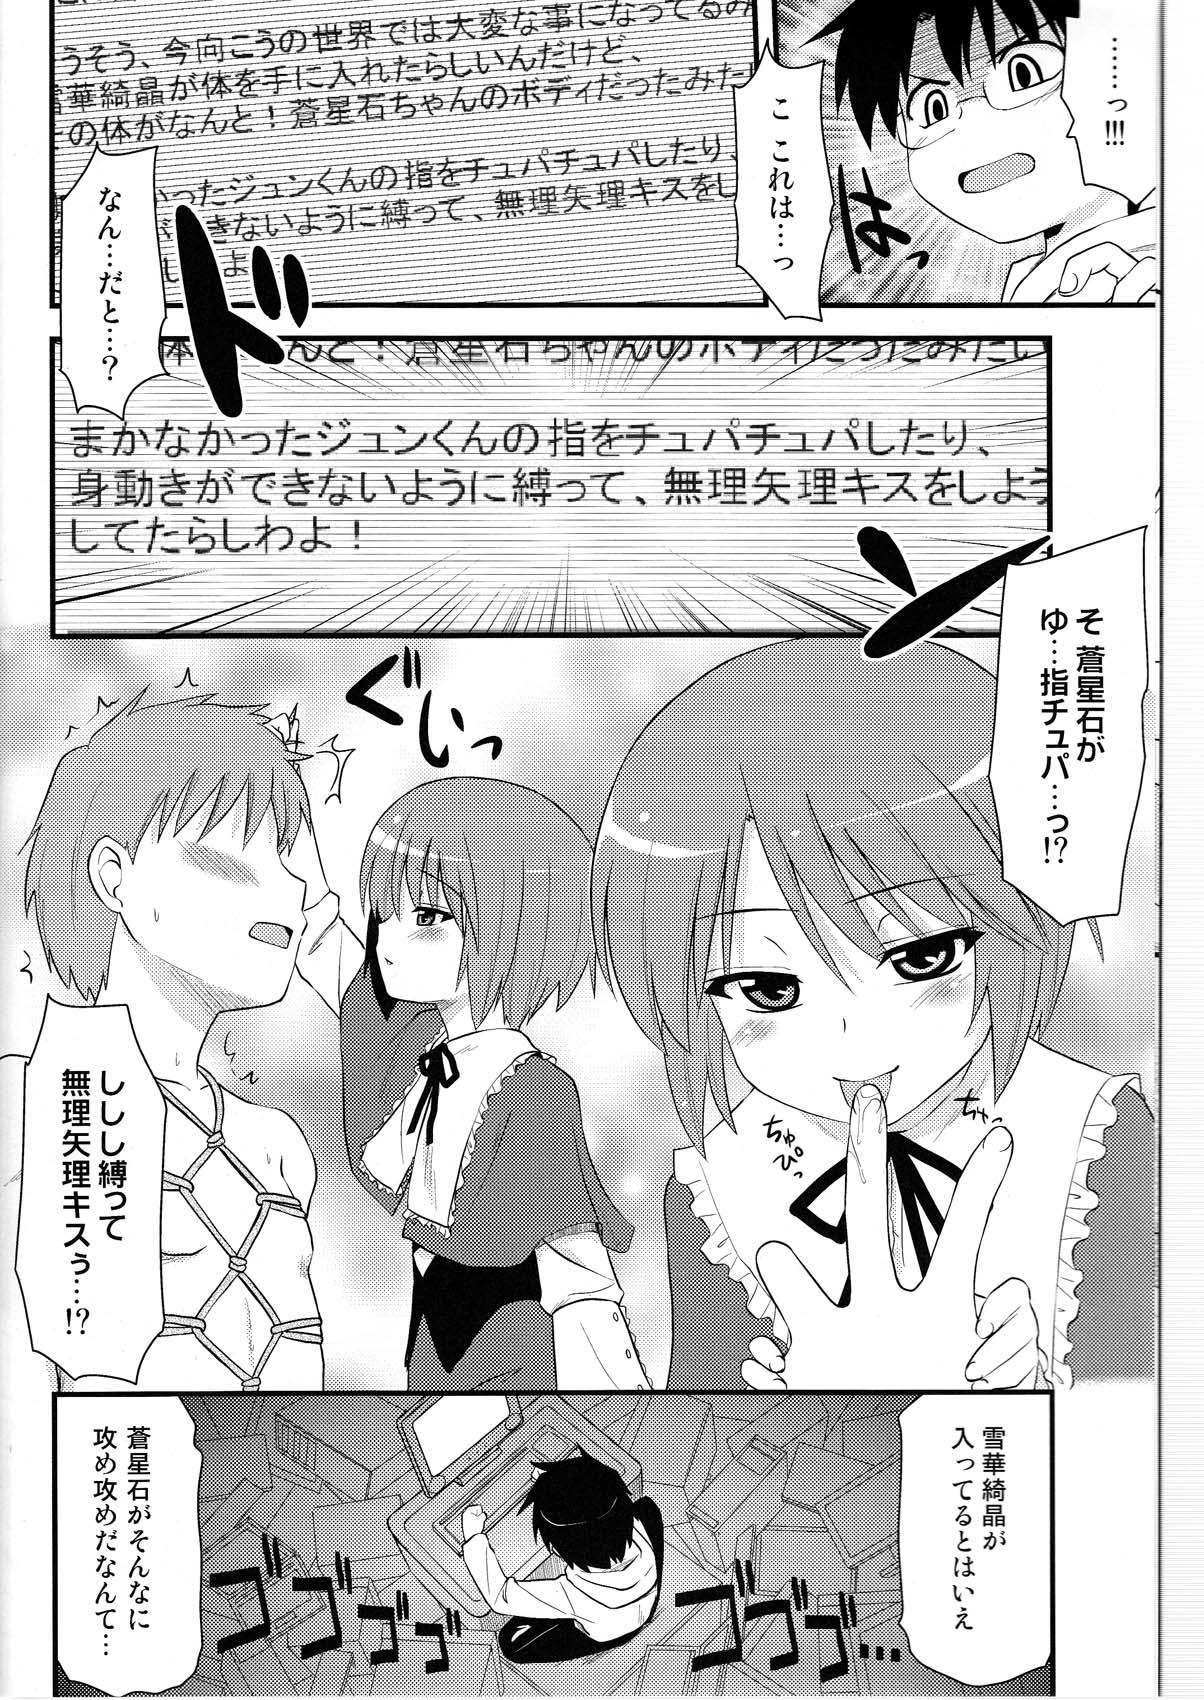 Souseiseki Hokan Keikaku 7